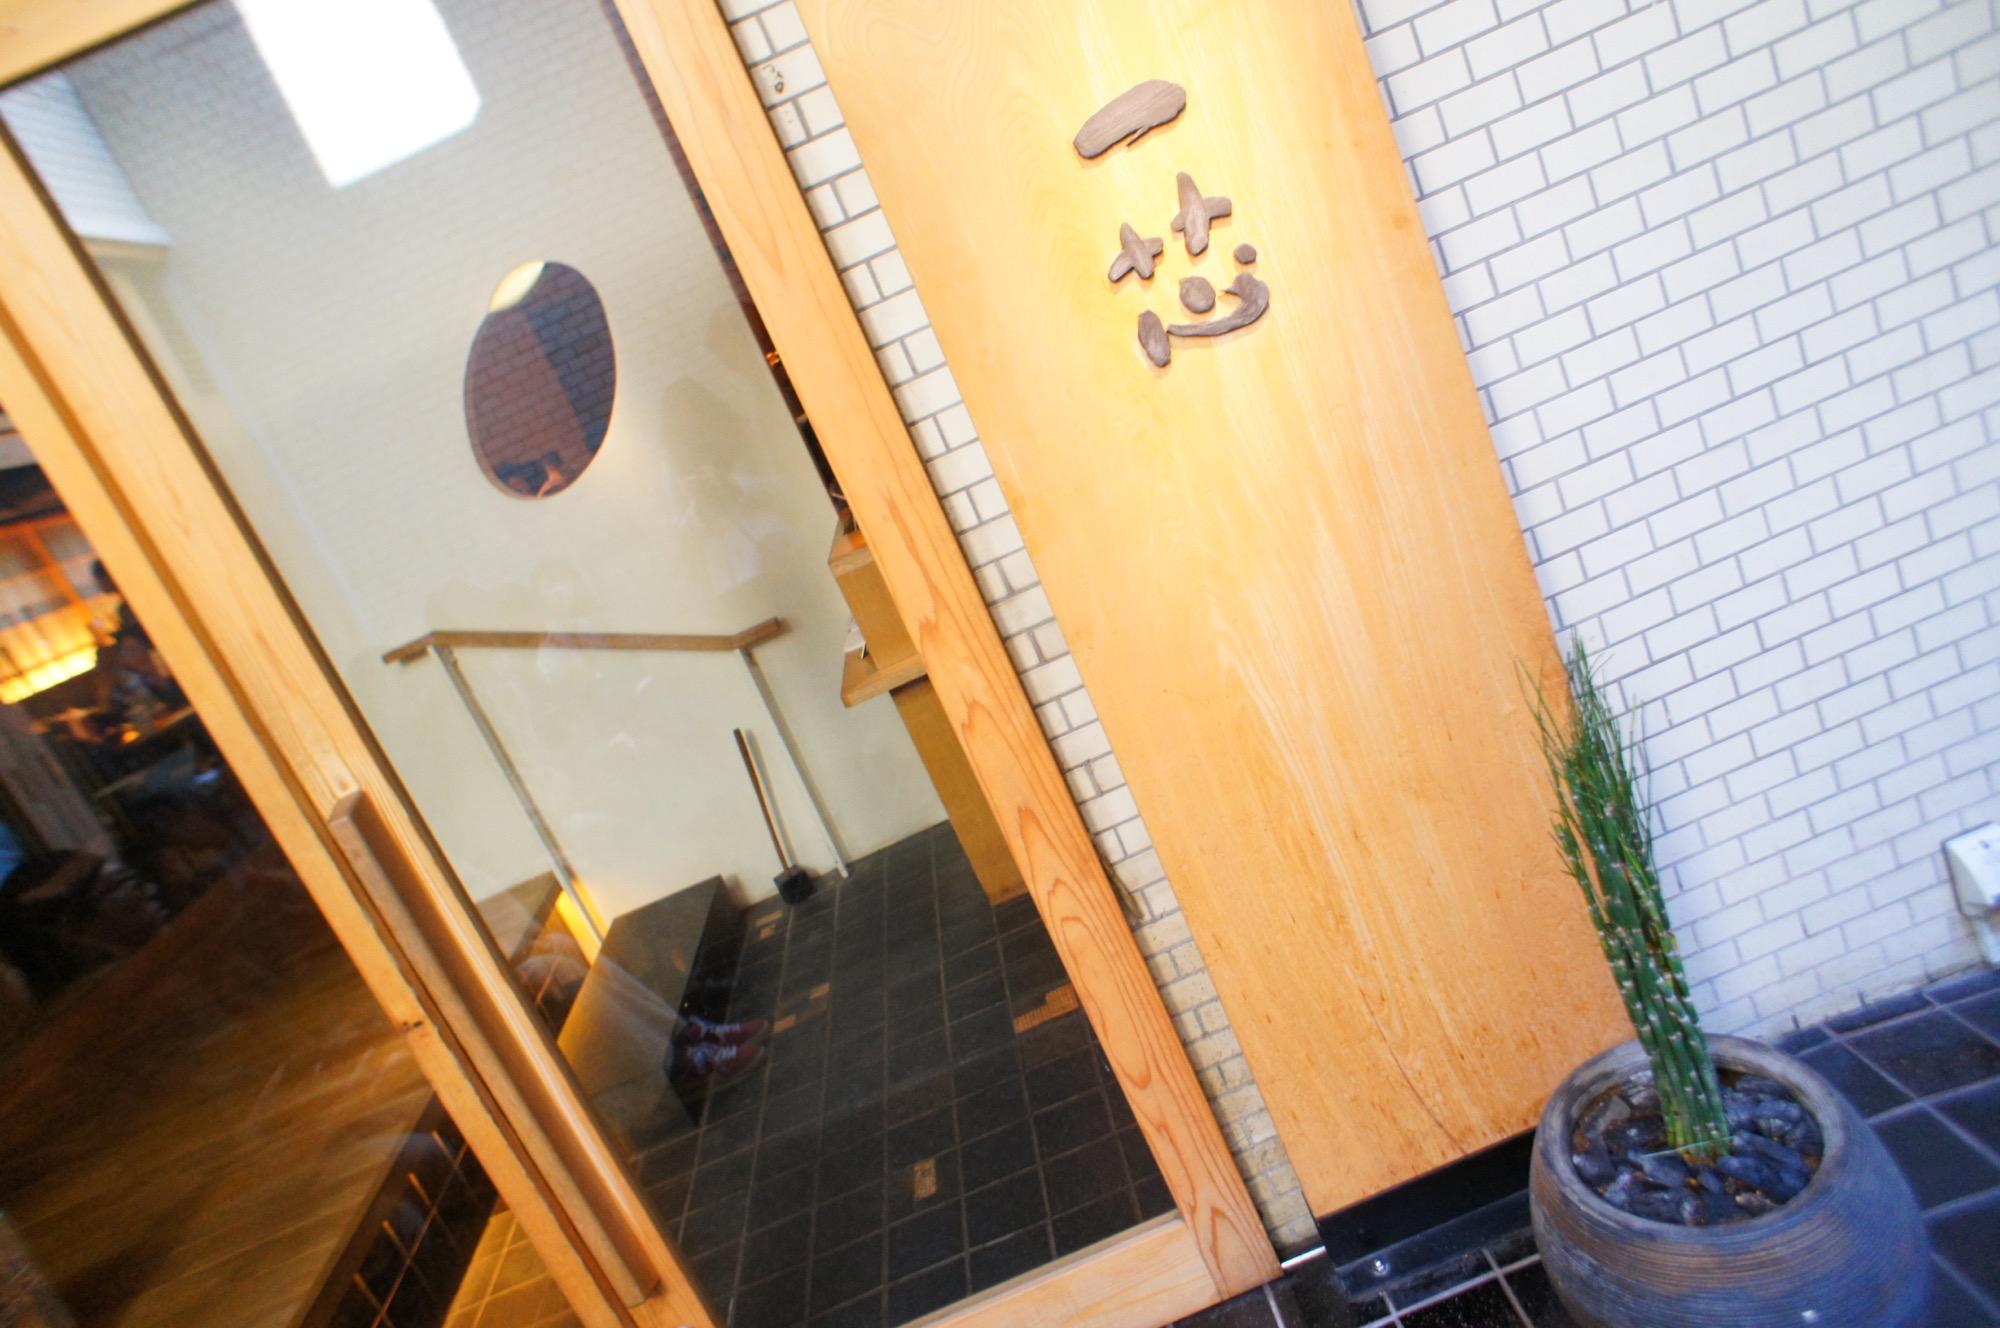 《ご当地MORE✩東京》行列必至!【代官山】の『ごはんや 一芯』で絶品和食ランチ❤️_1